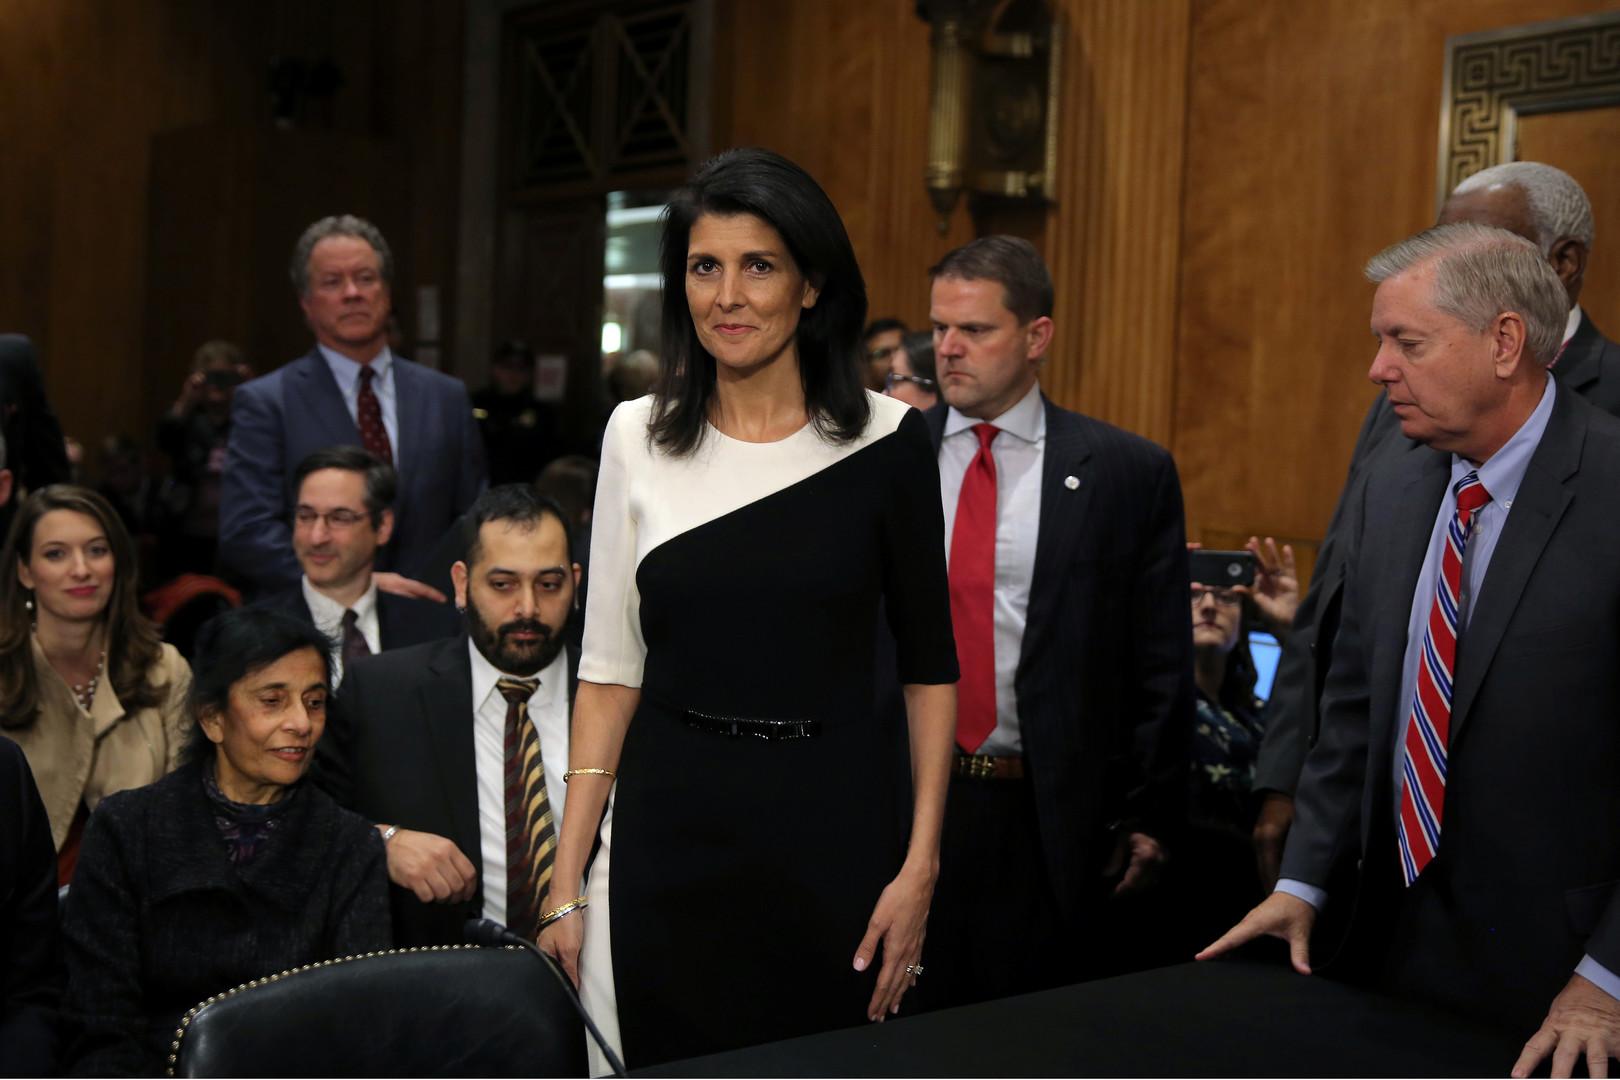 """Nimrata """"Nikky"""" Haley ist Republikanerin und Gouverneurin des US-Staates South Carolina. Sie wurde zur US-Botschafterin bei der UNO ernannt. Haley hatte bei den Vorwahlen Trumps Konkurrenten unterstützt und ist mit Trump nicht immer einer Meinung, hofft aber ihn auf ihre Seite zu ziehen."""